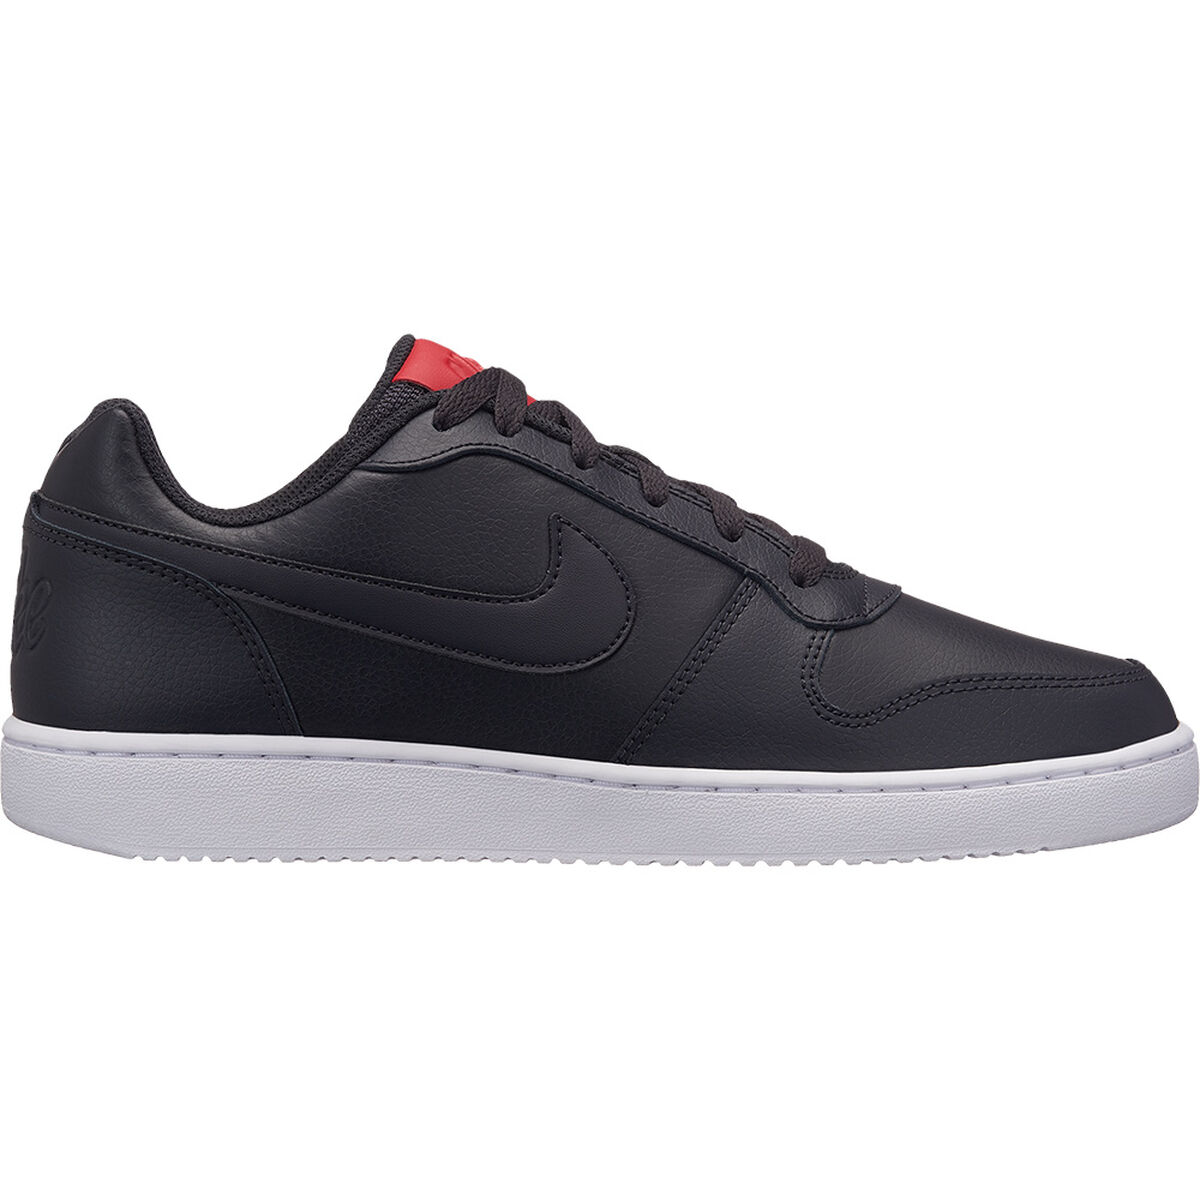 italiano letal olvidar  Zapatilla Nike Hombre Urbana Ebernon Low | laPolar.cl